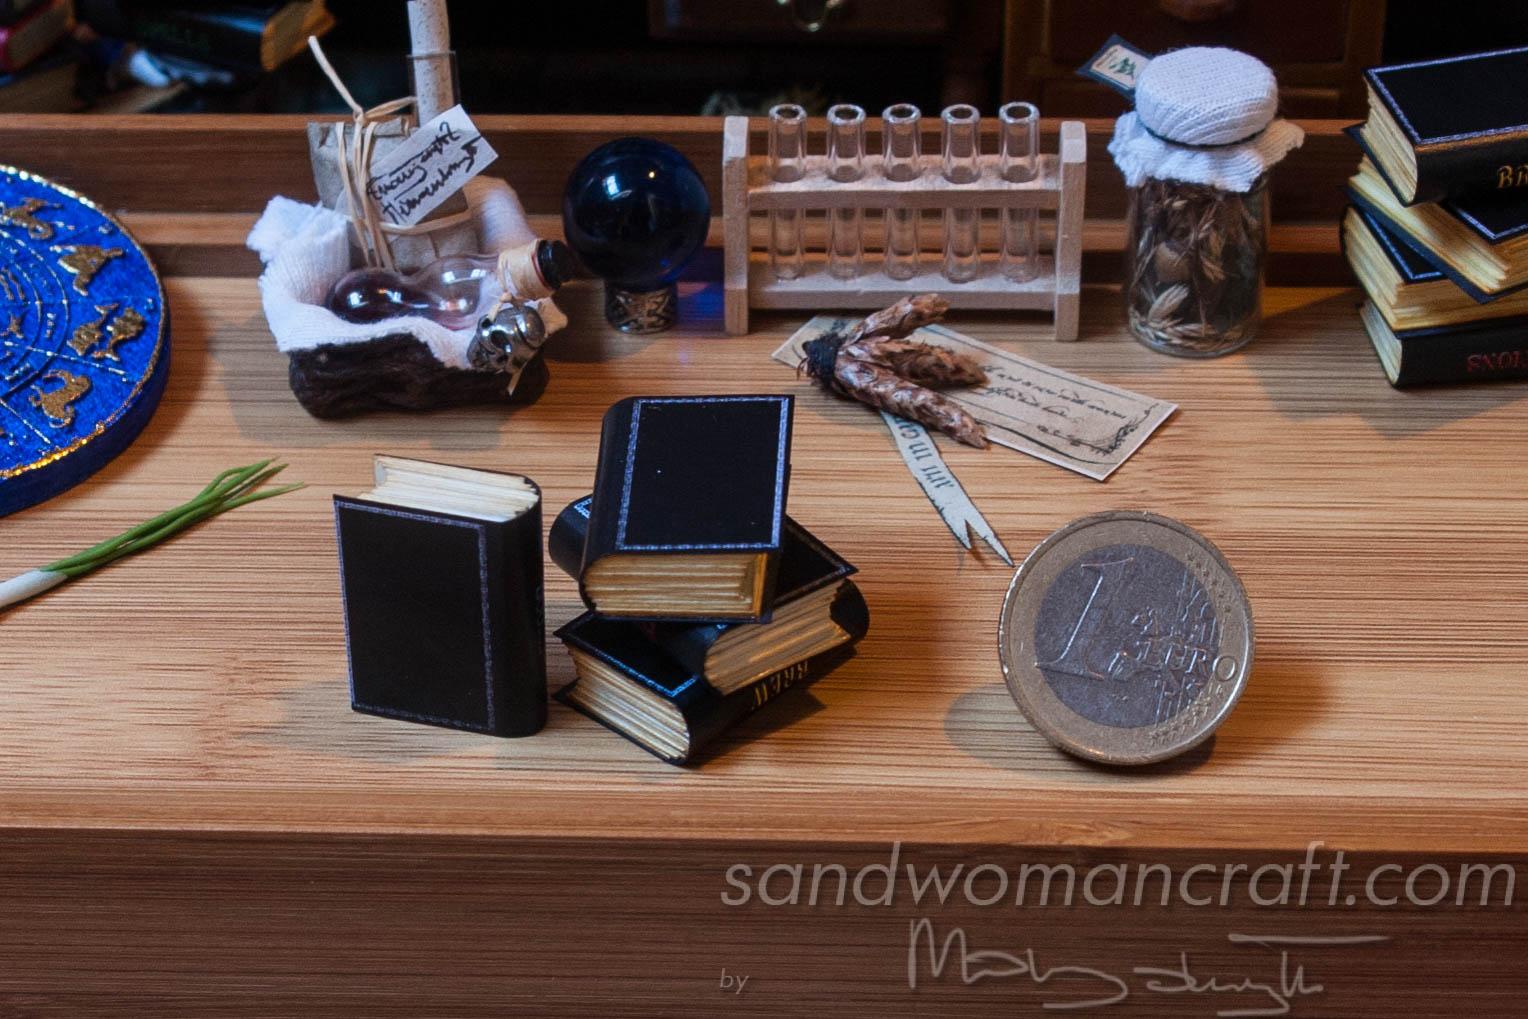 Miniature Magic Books for dollhouse setting